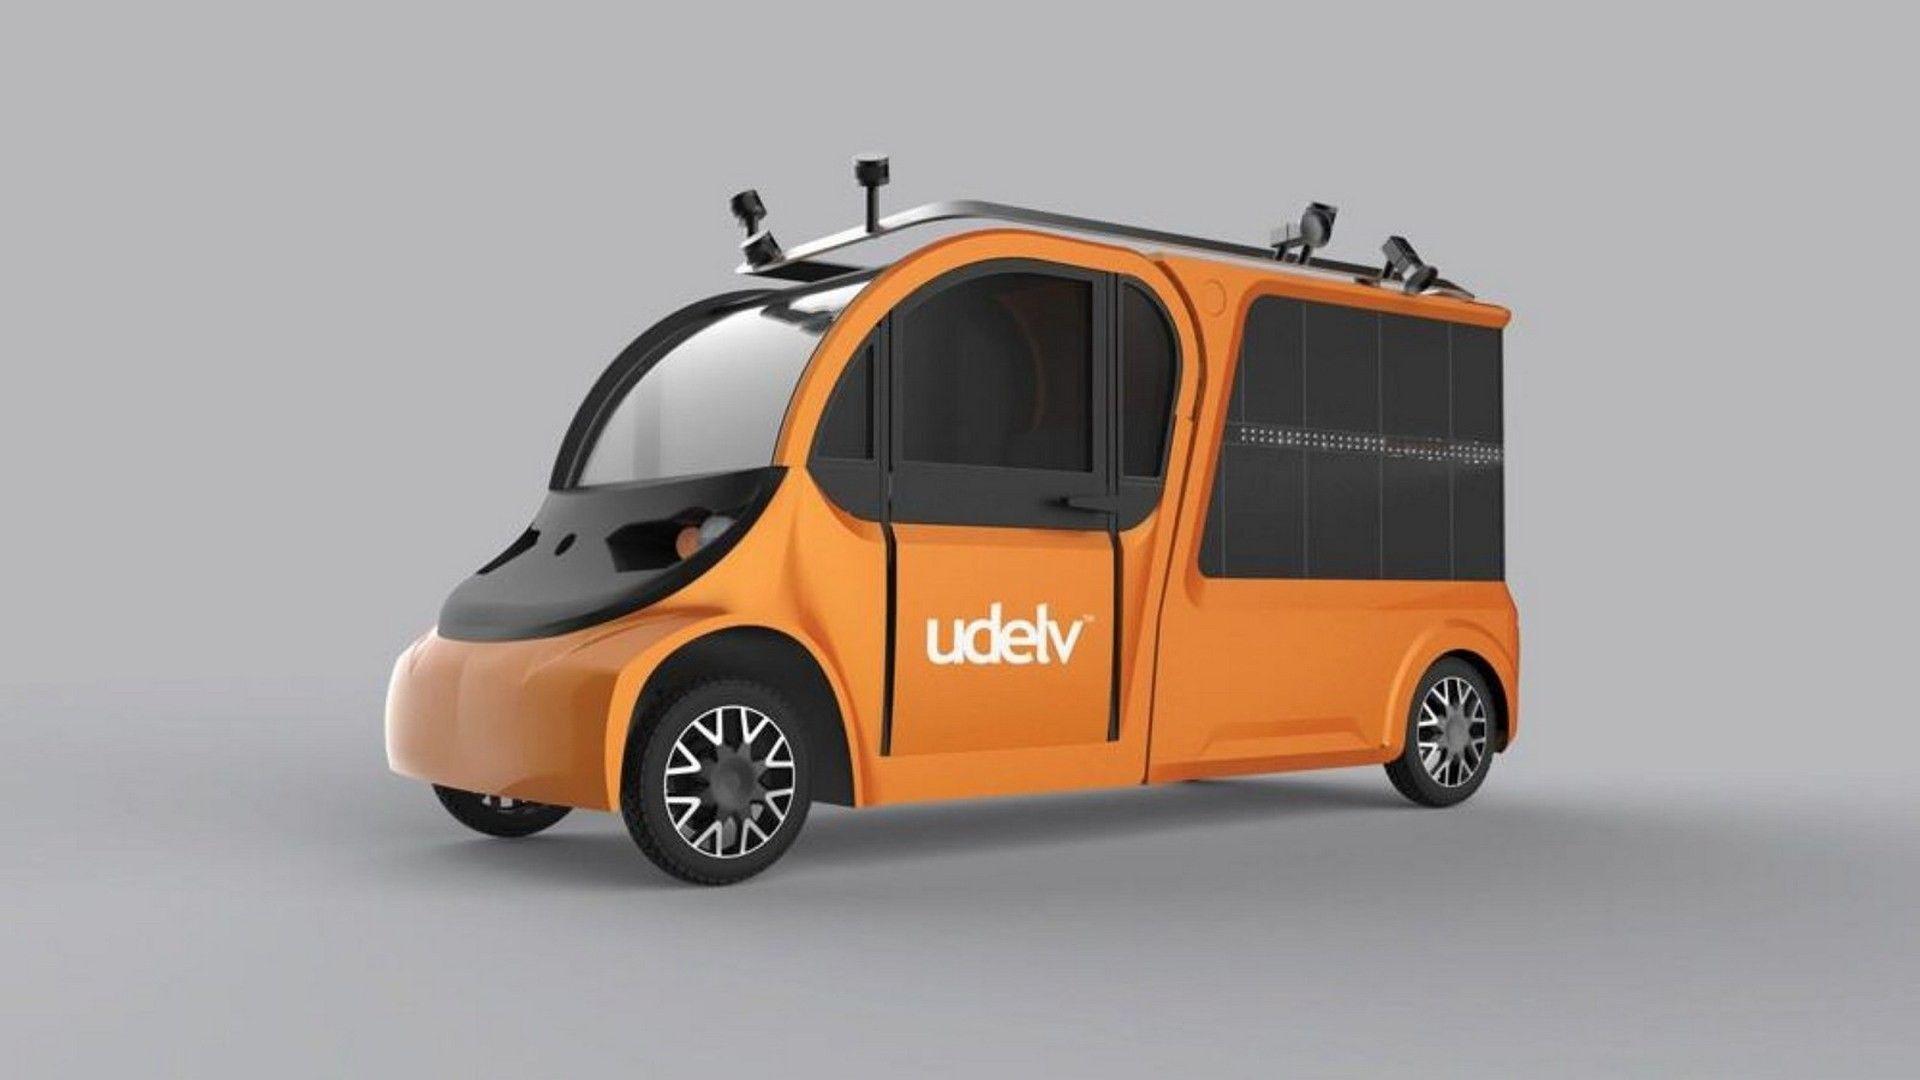 Компания Udelv представила беспилотный электрокар службы доставки